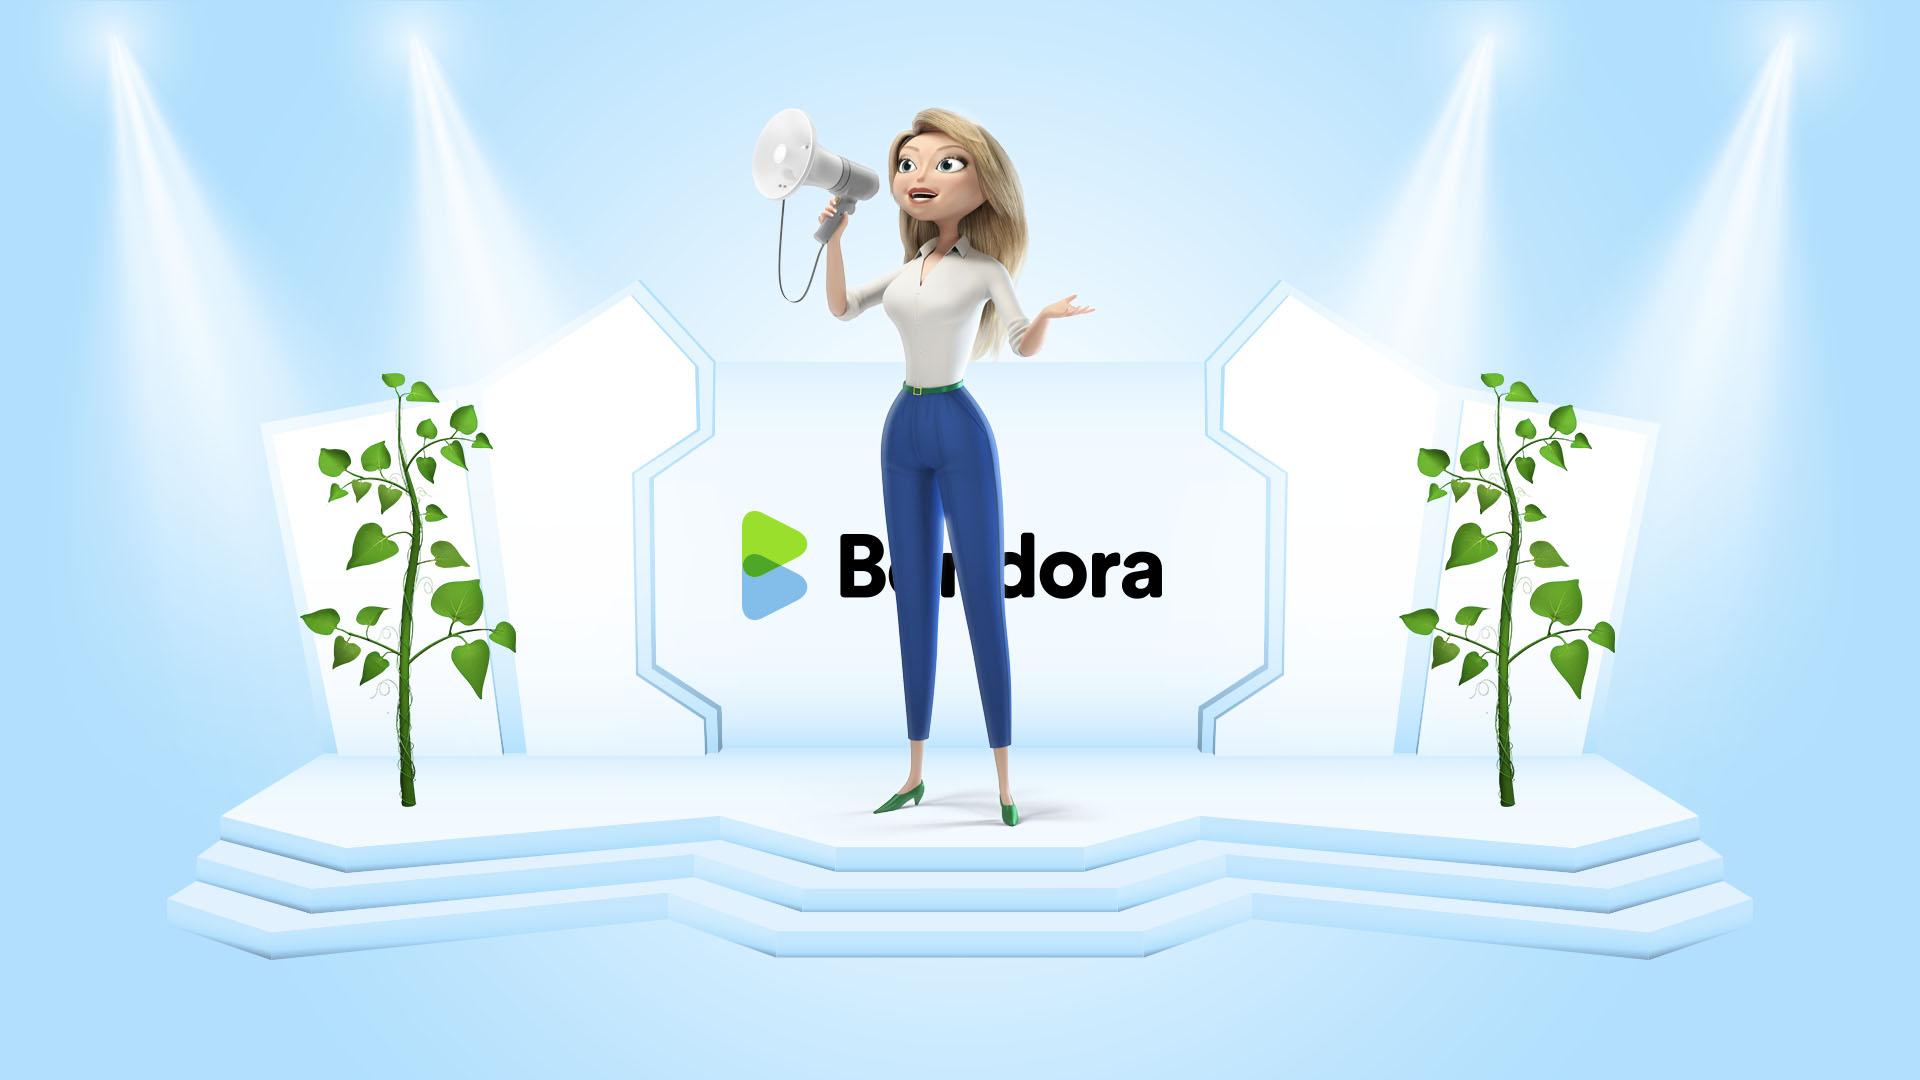 Go & Grow - Bondora